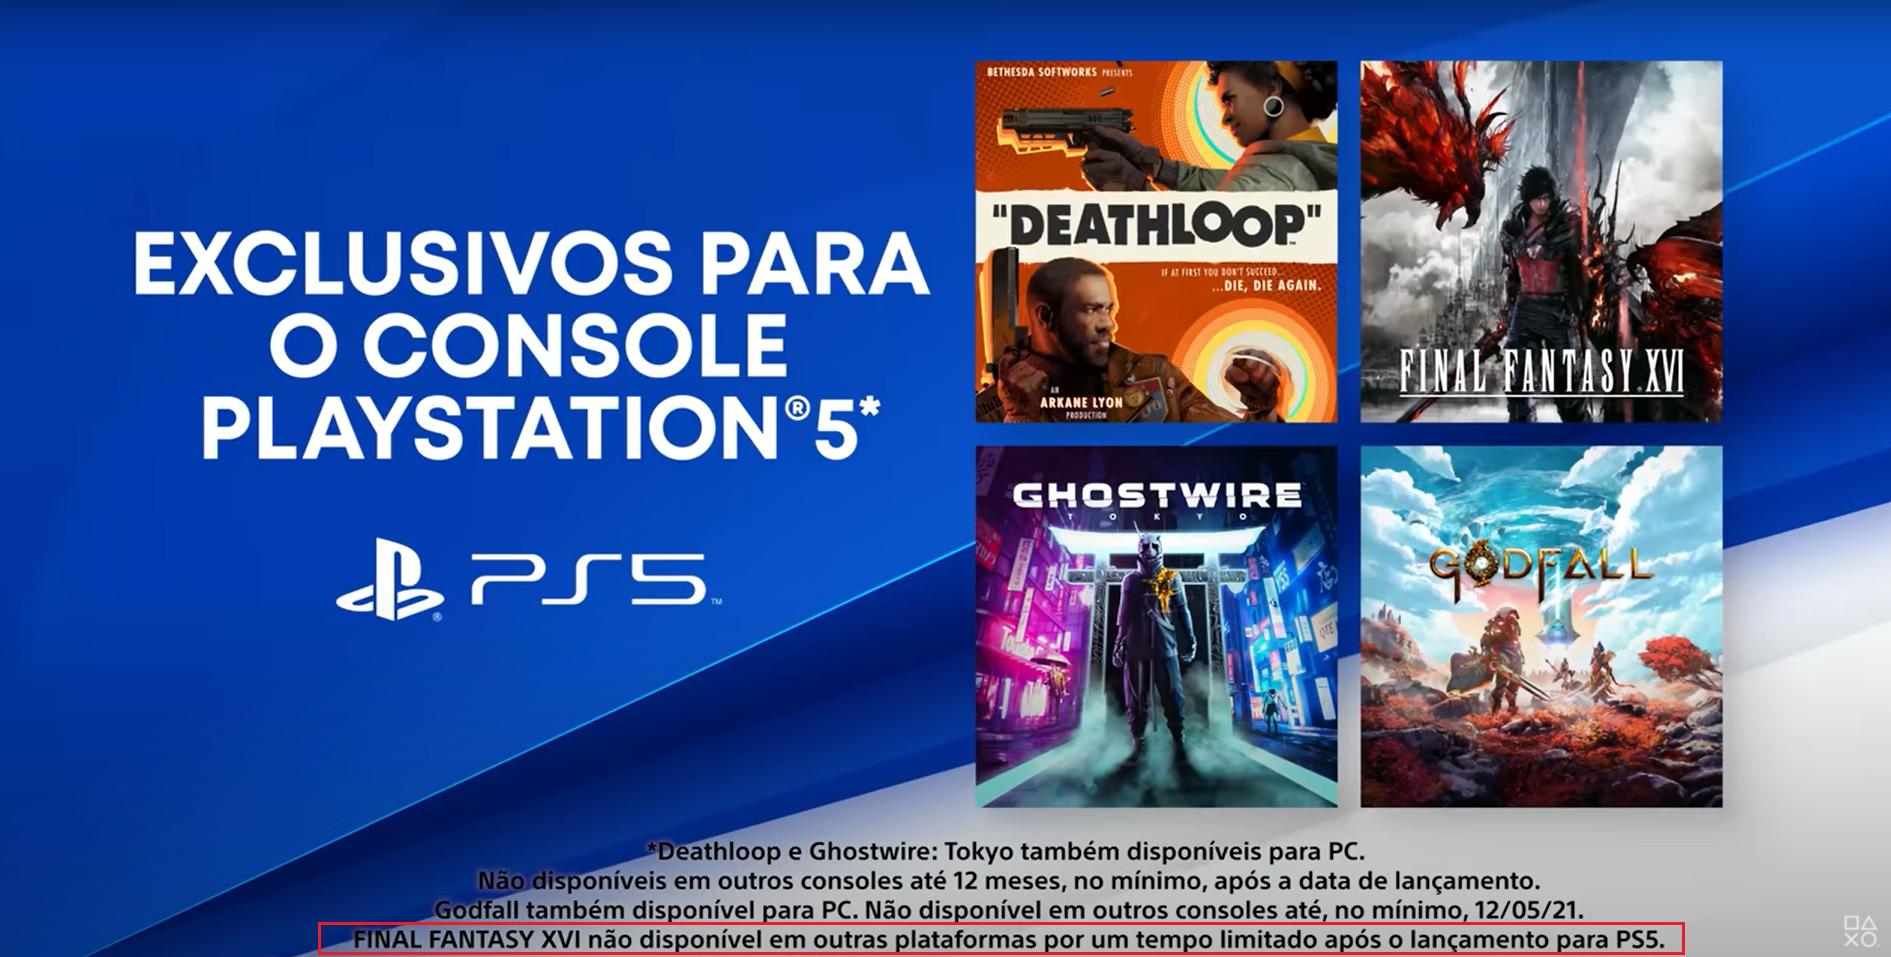 Слухи: Final Fantasy XVI всё-таки выйдет за пределами PlayStation 5